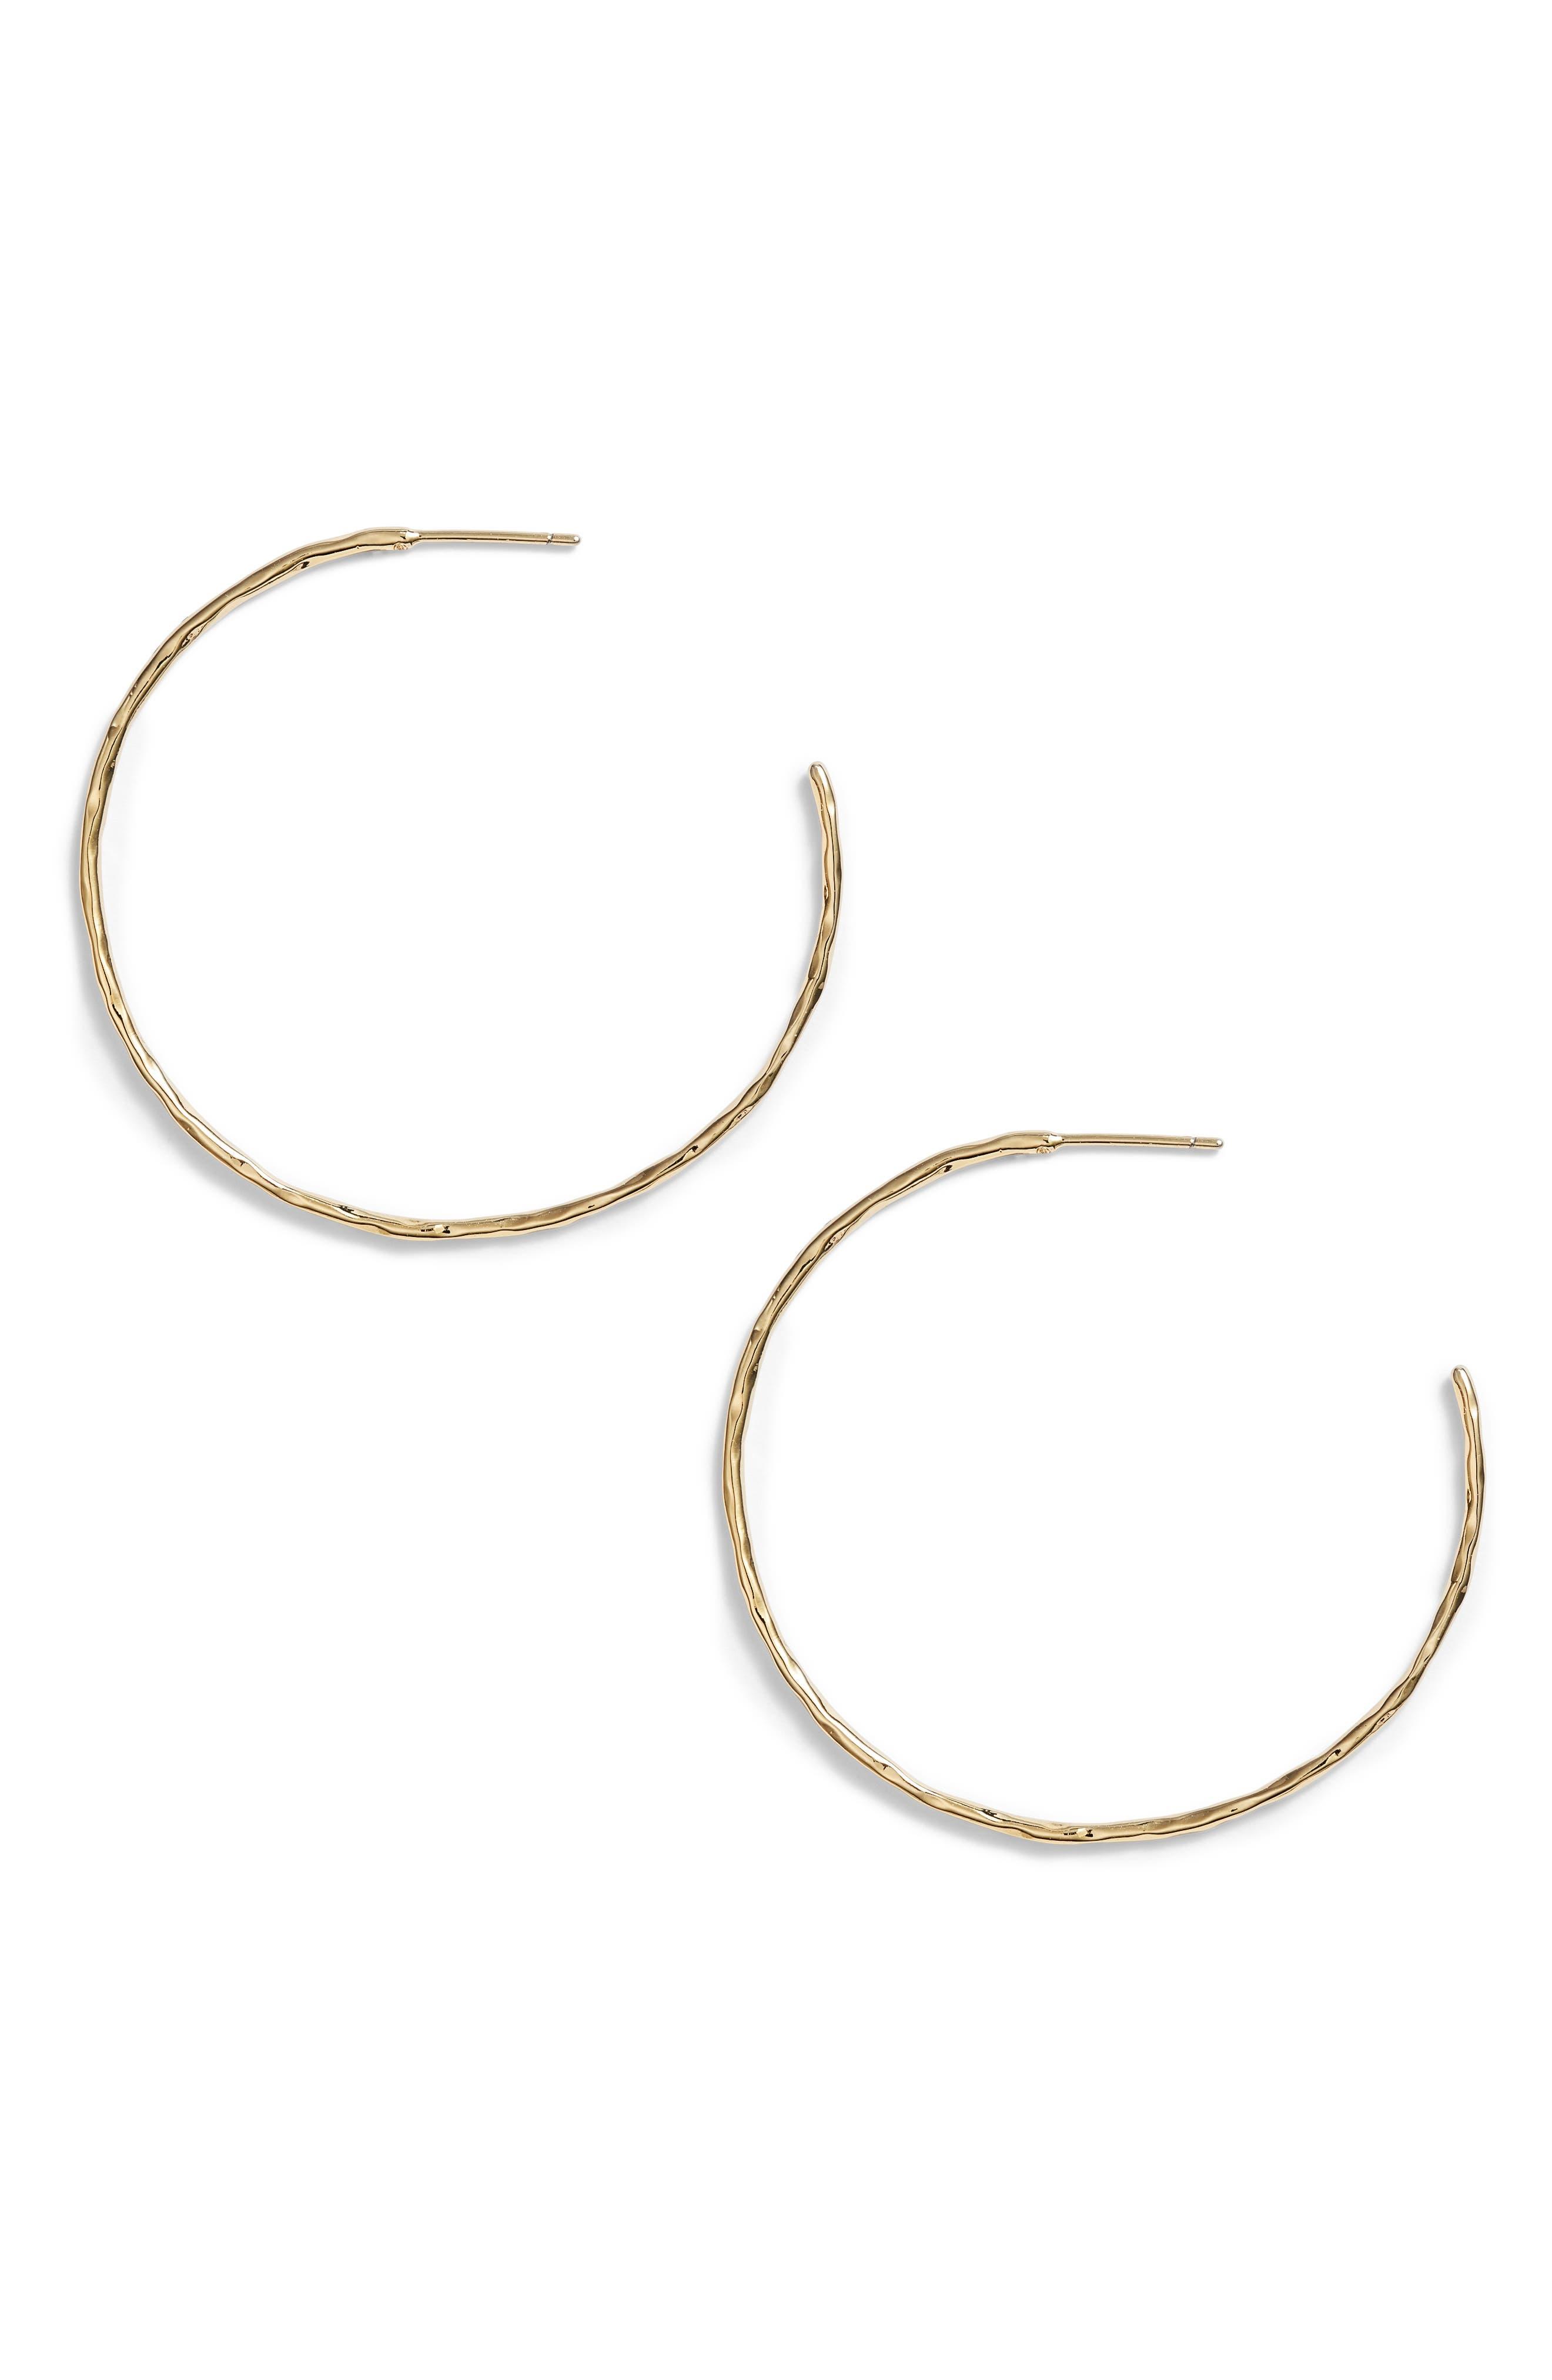 Taner Hoop Earrings,                         Main,                         color, GOLD